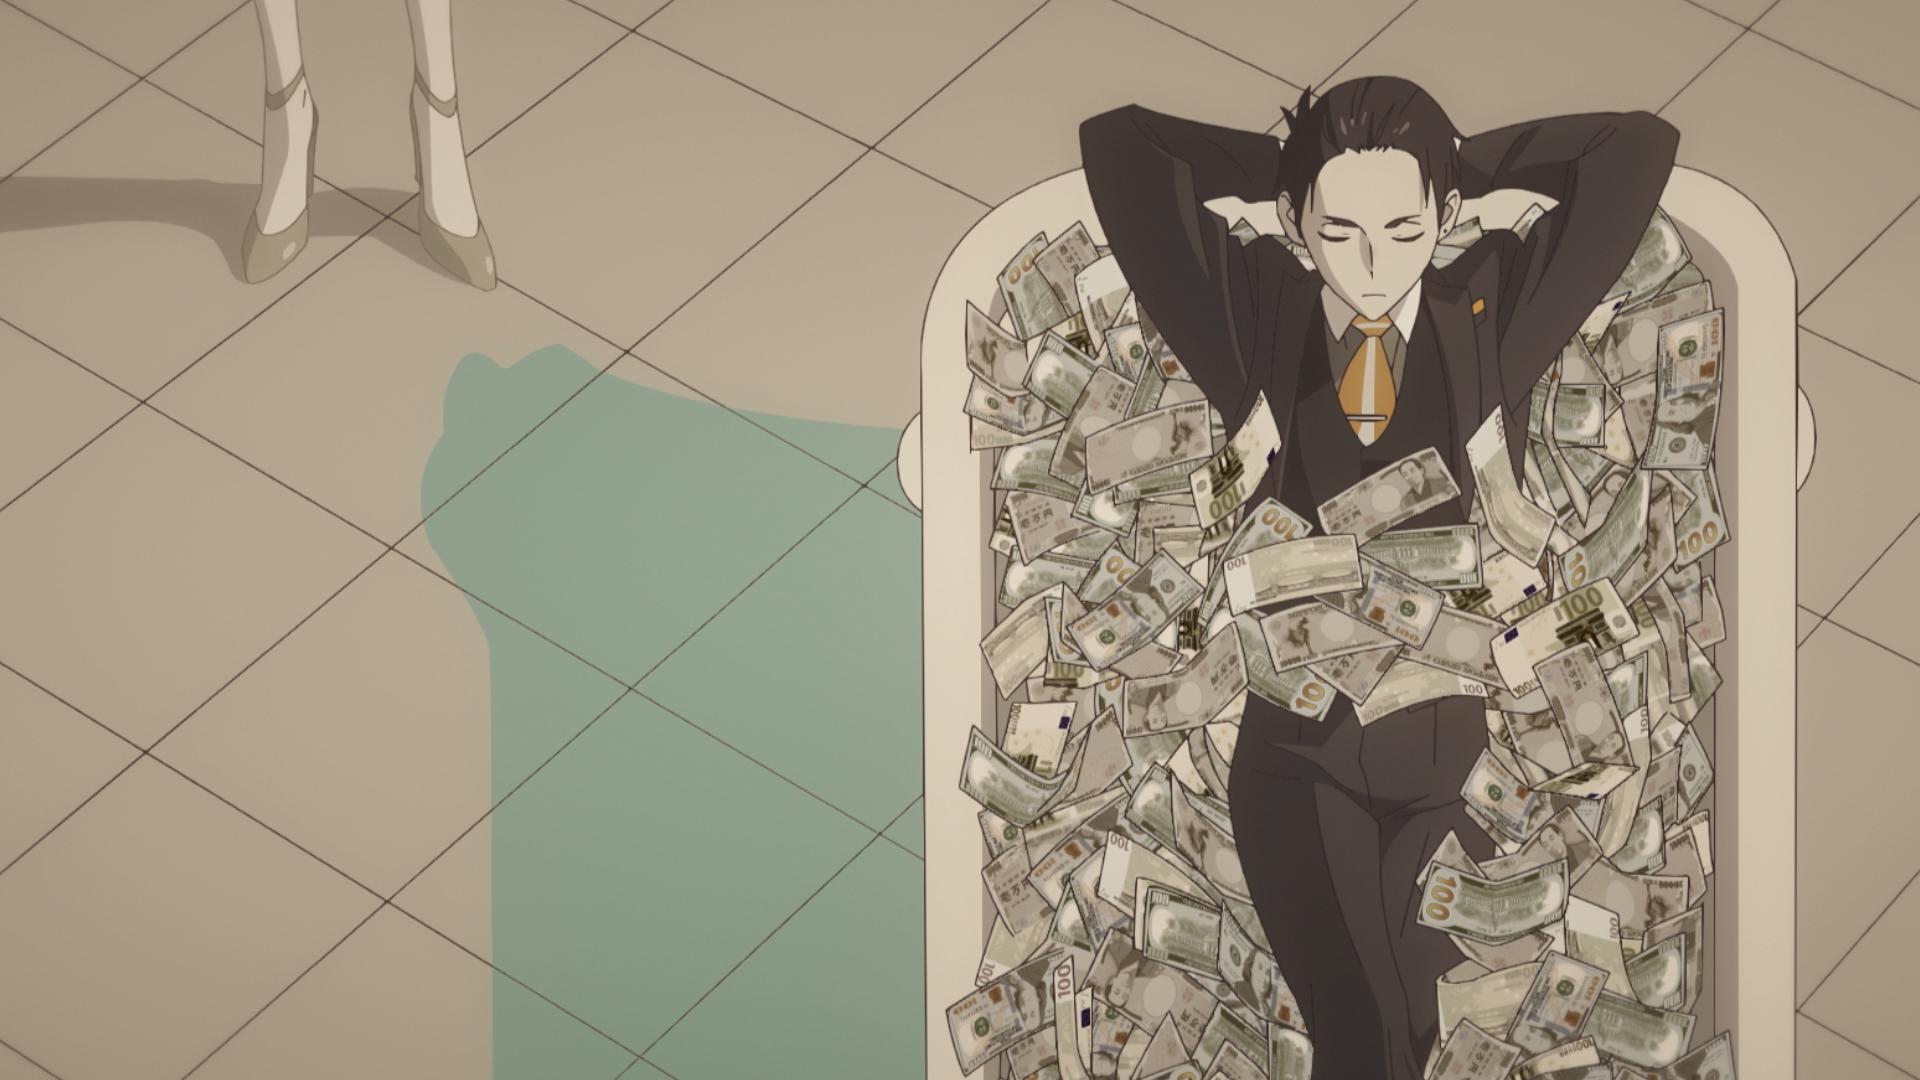 富豪 刑事 アニメ 「富豪刑事」犯人の謎を探る大助だが、AI執事が指示を拒否!? 第6話先行カット